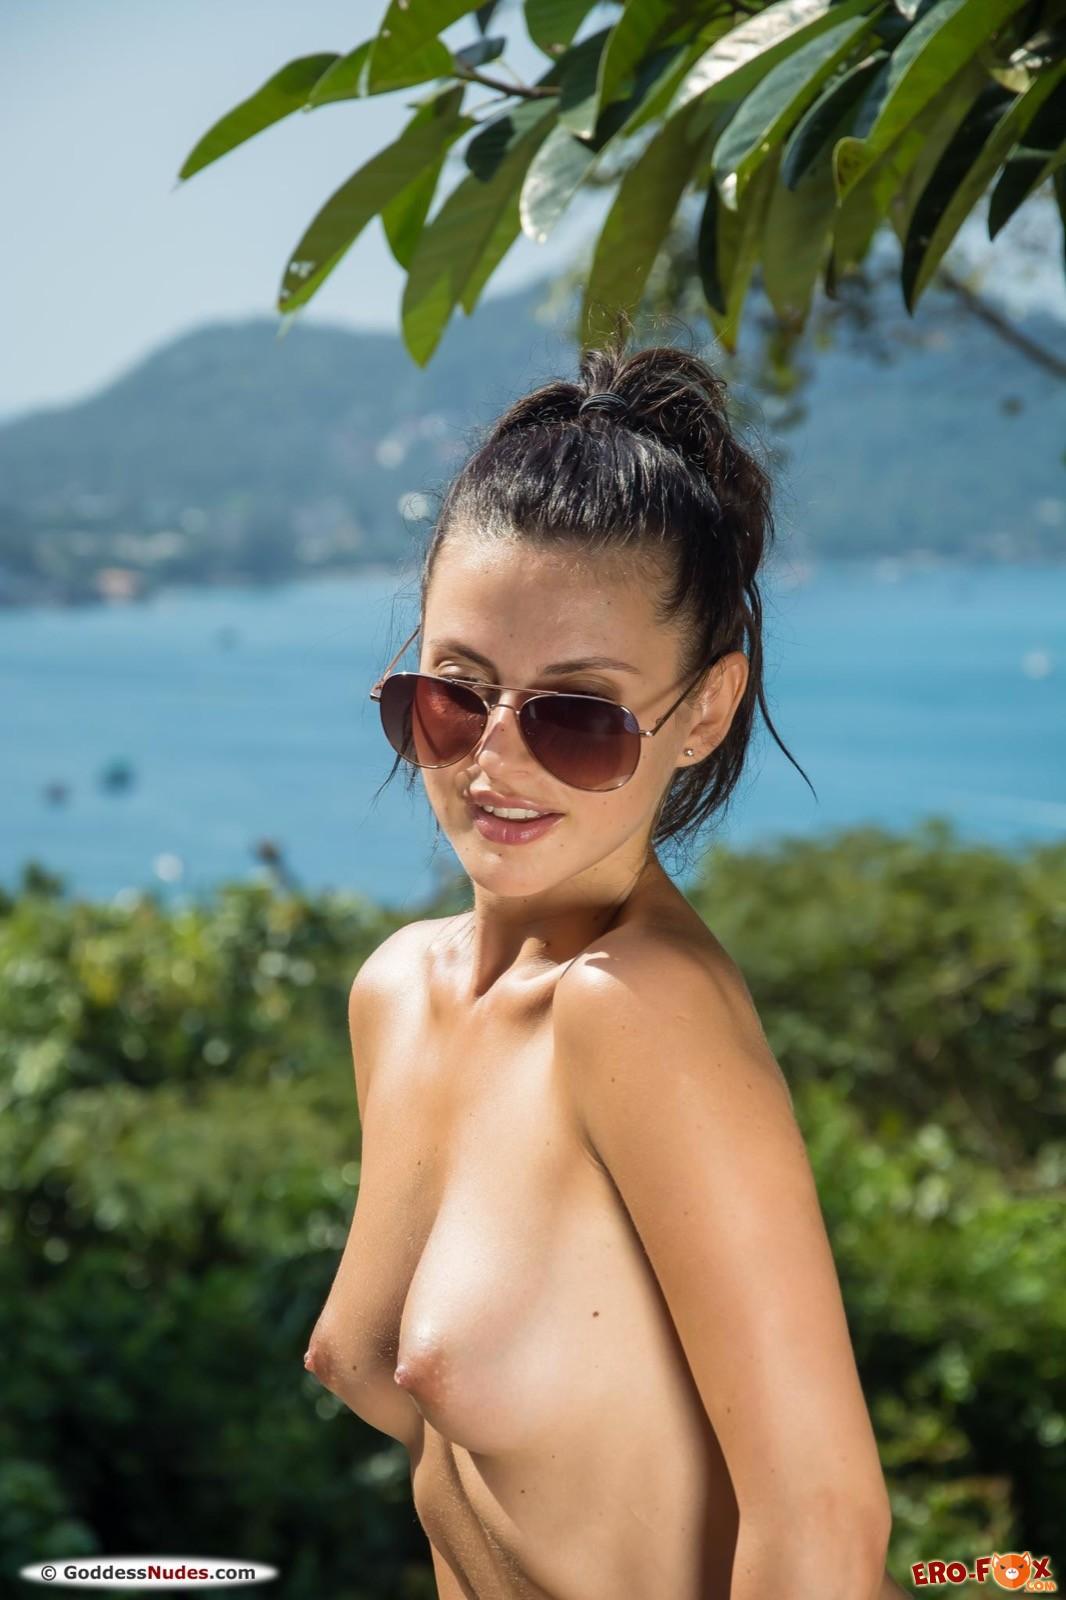 Голая девушка в солнцезащитных очках - фото